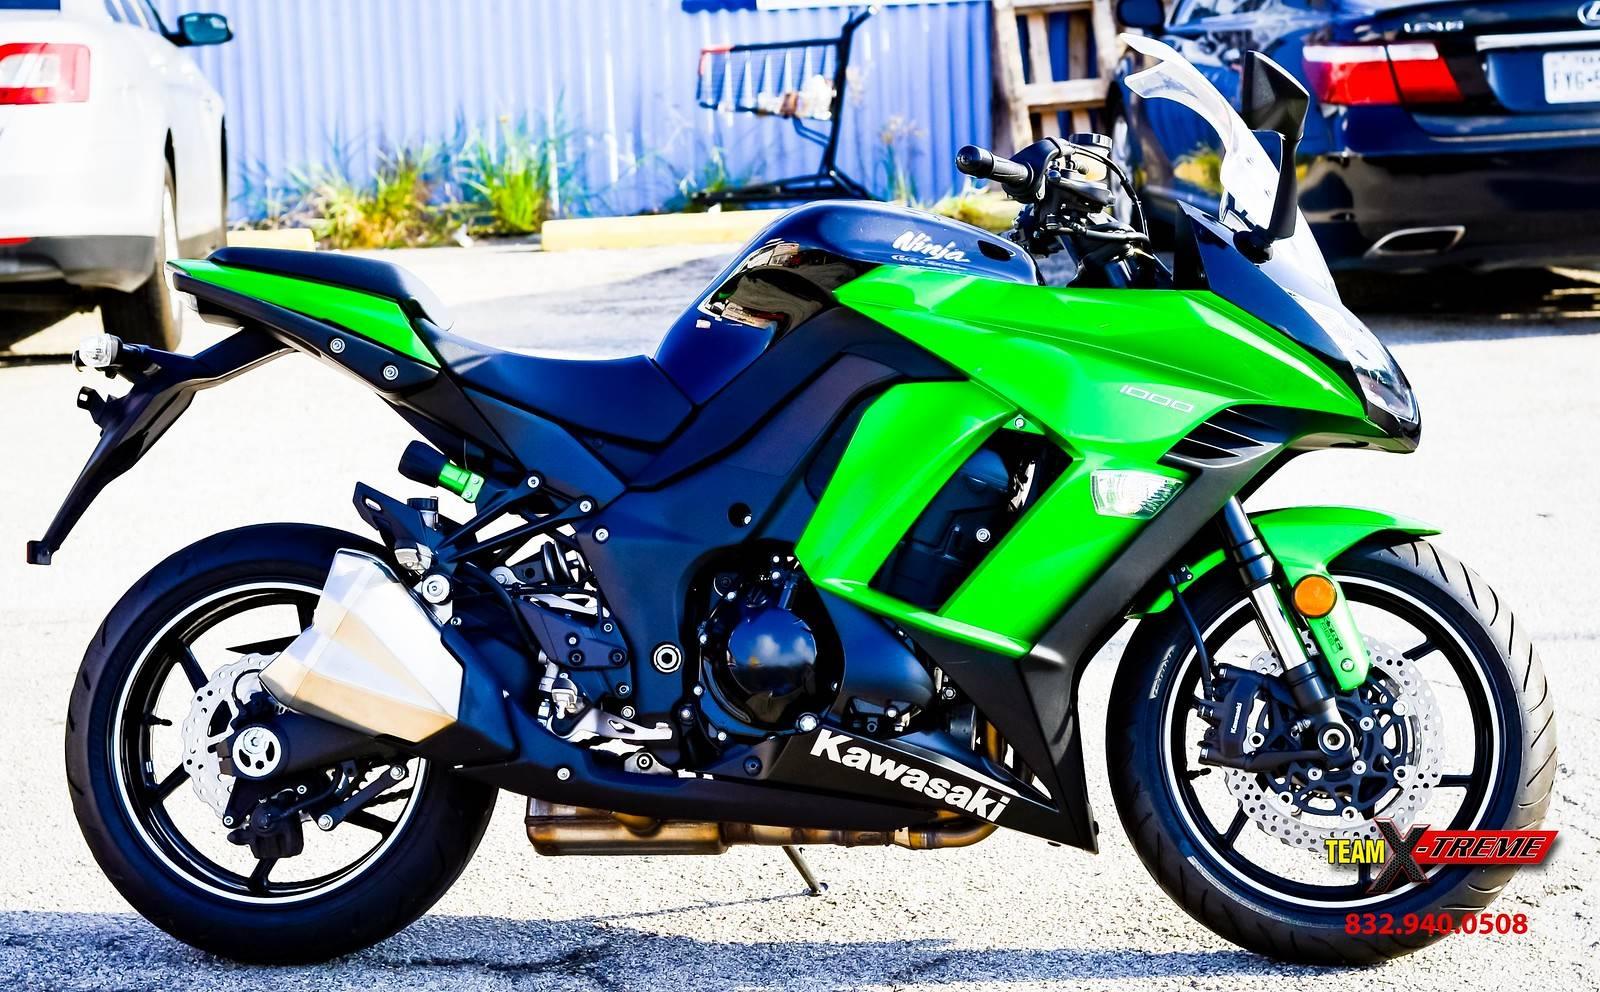 2015 Kawasaki Z1000 ABS 3